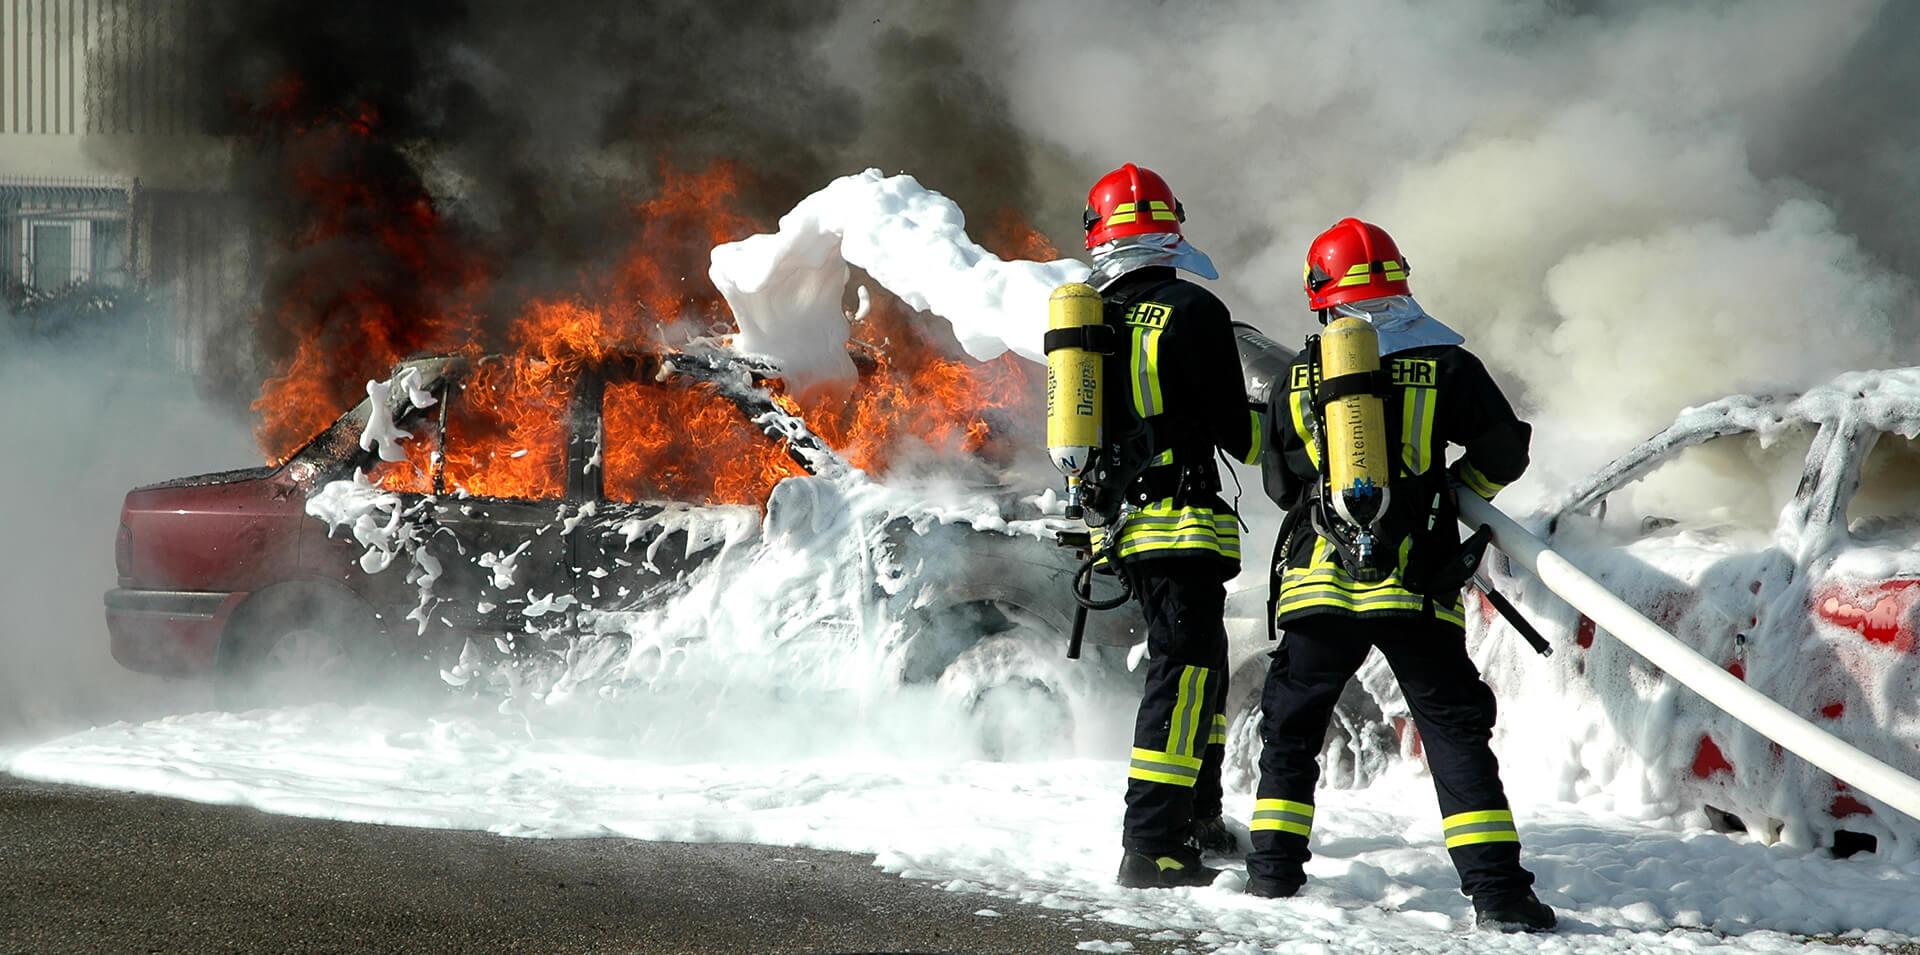 Brandschutz aus Essen